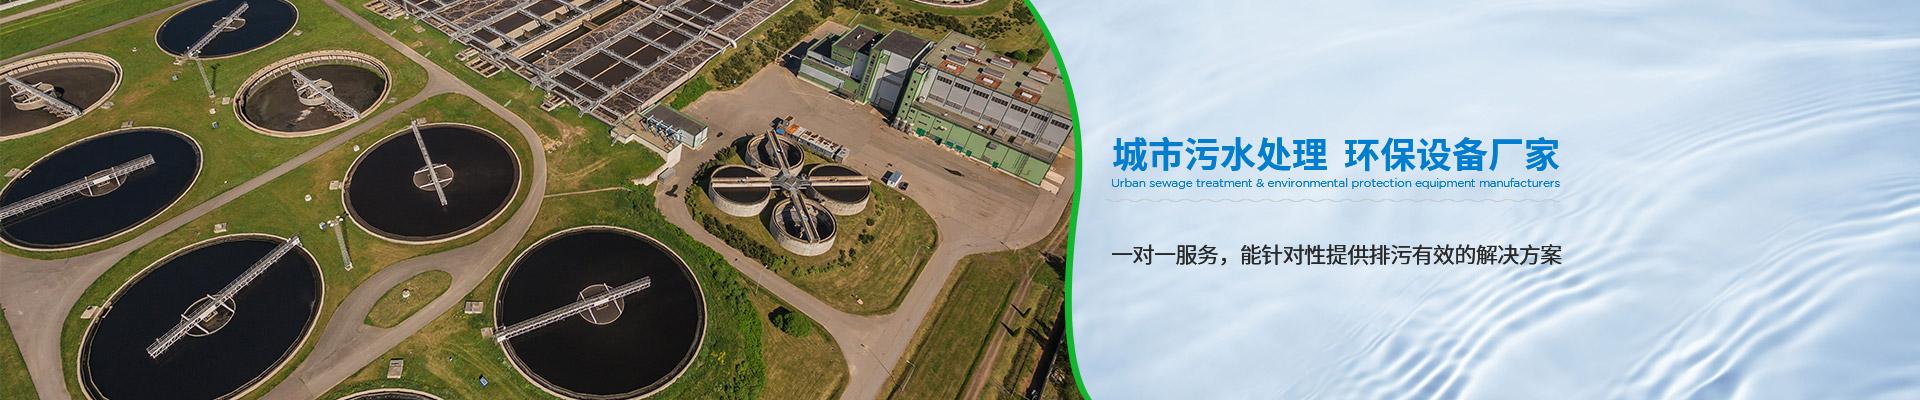 襄绿环保-城市污水处理,环保设备厂家